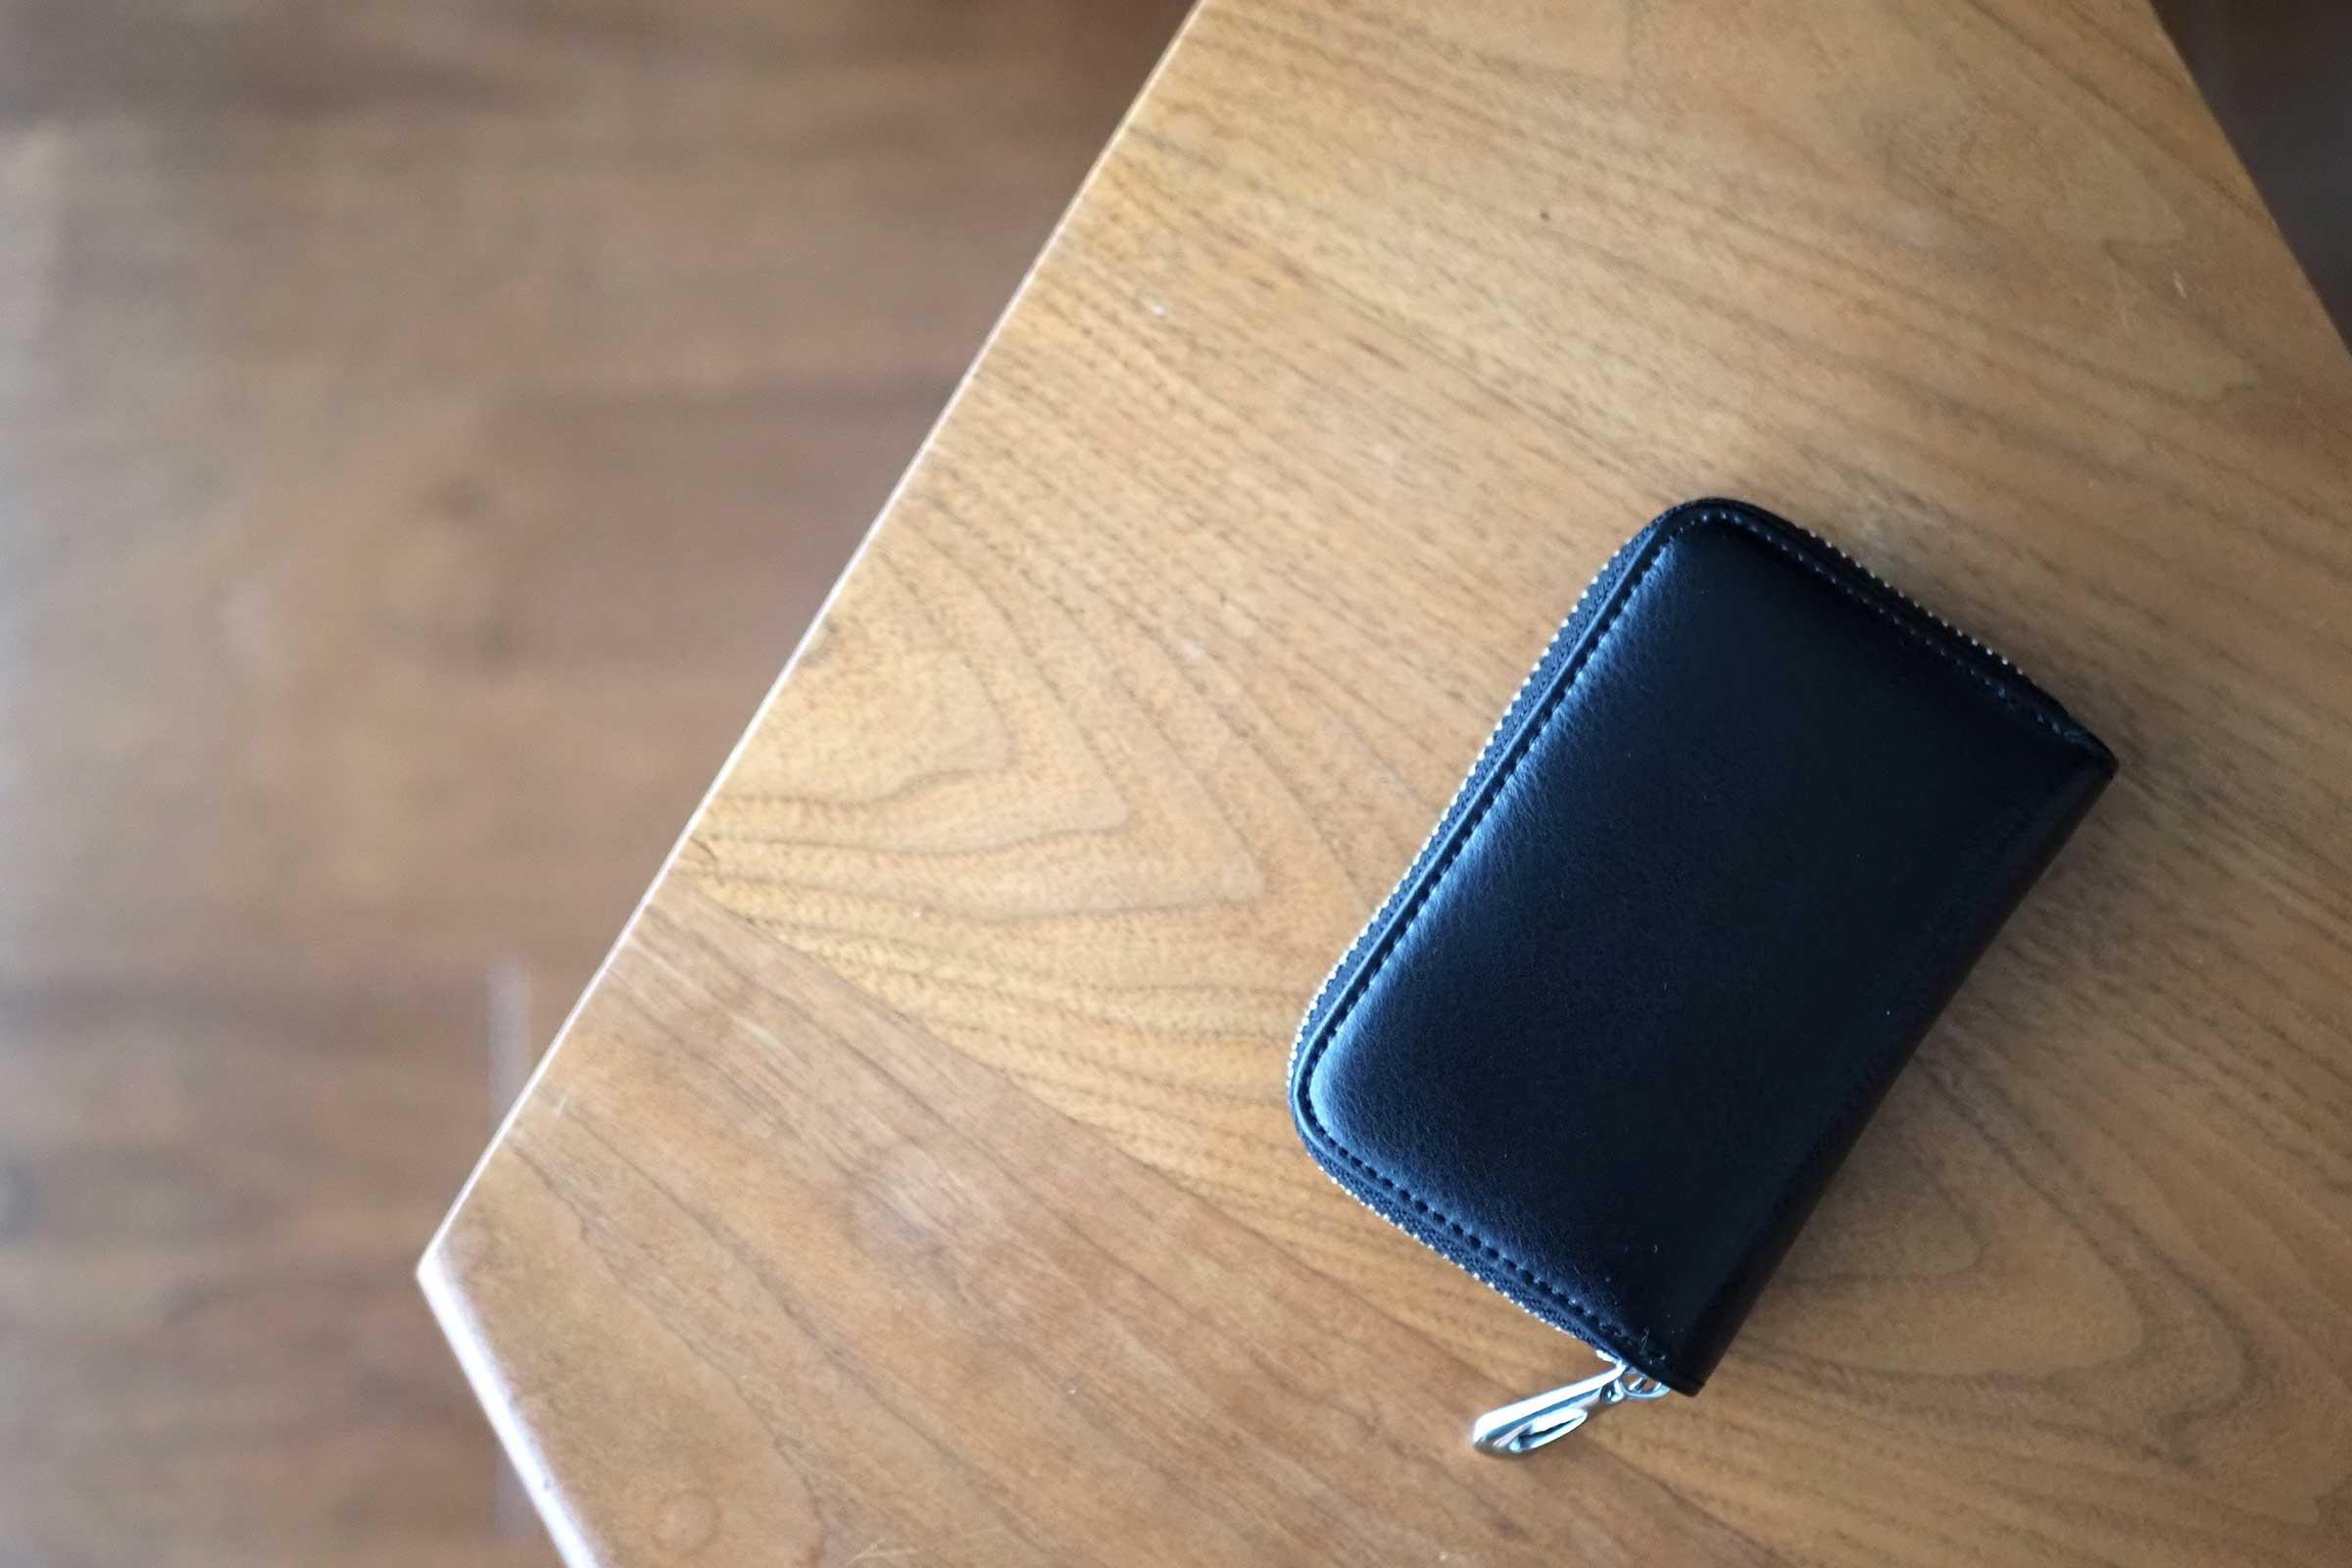 カードケース,ZAKLE,クレジットカード,本革,レザー,大容量,ミニマル